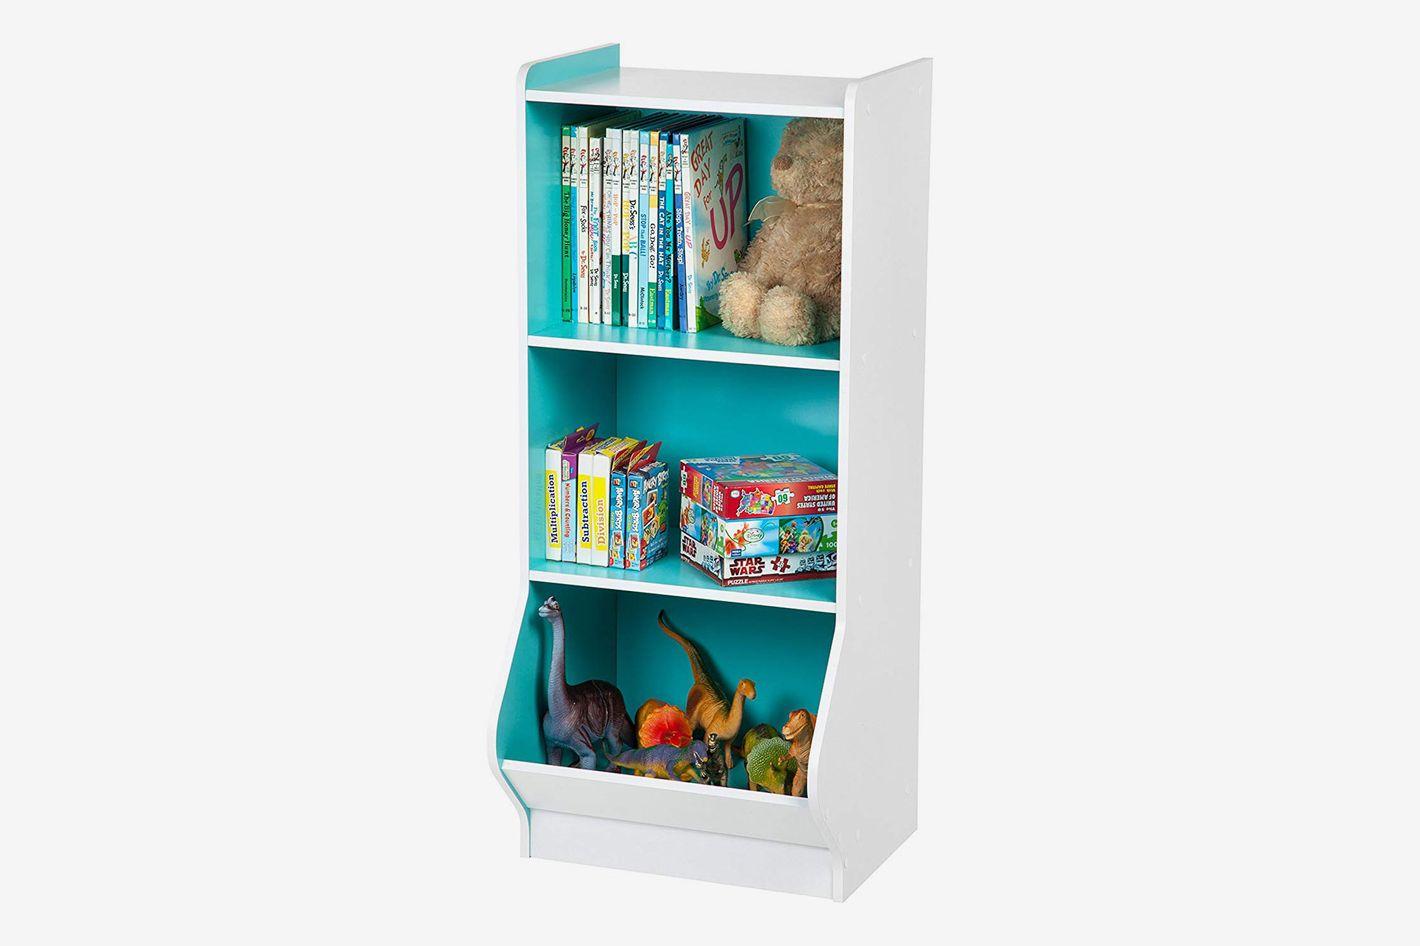 Iris 3-Tier Storage Organizer Shelf With Footboard